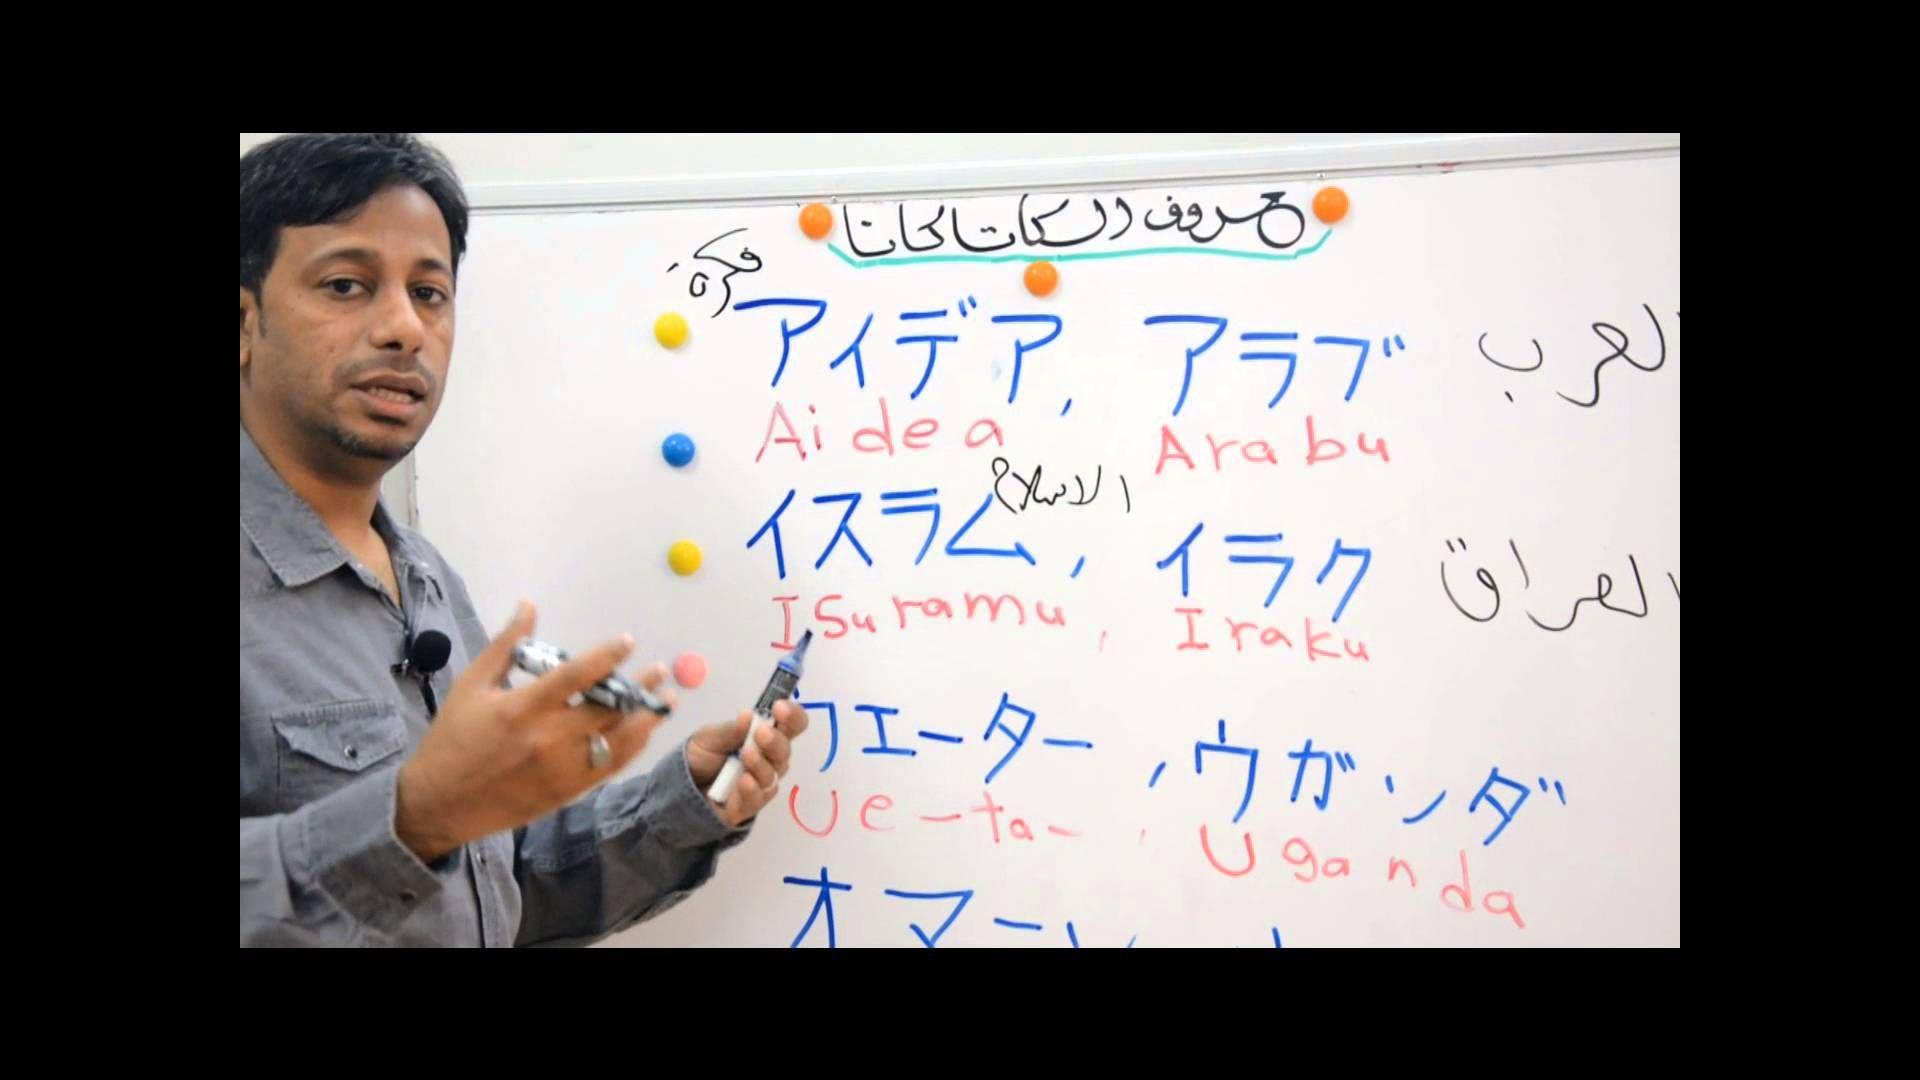 تعلم اللغة اليابانية حروف الكاتاكانا 1 Katakana カタカナ Learn Japanese Learning Japanese